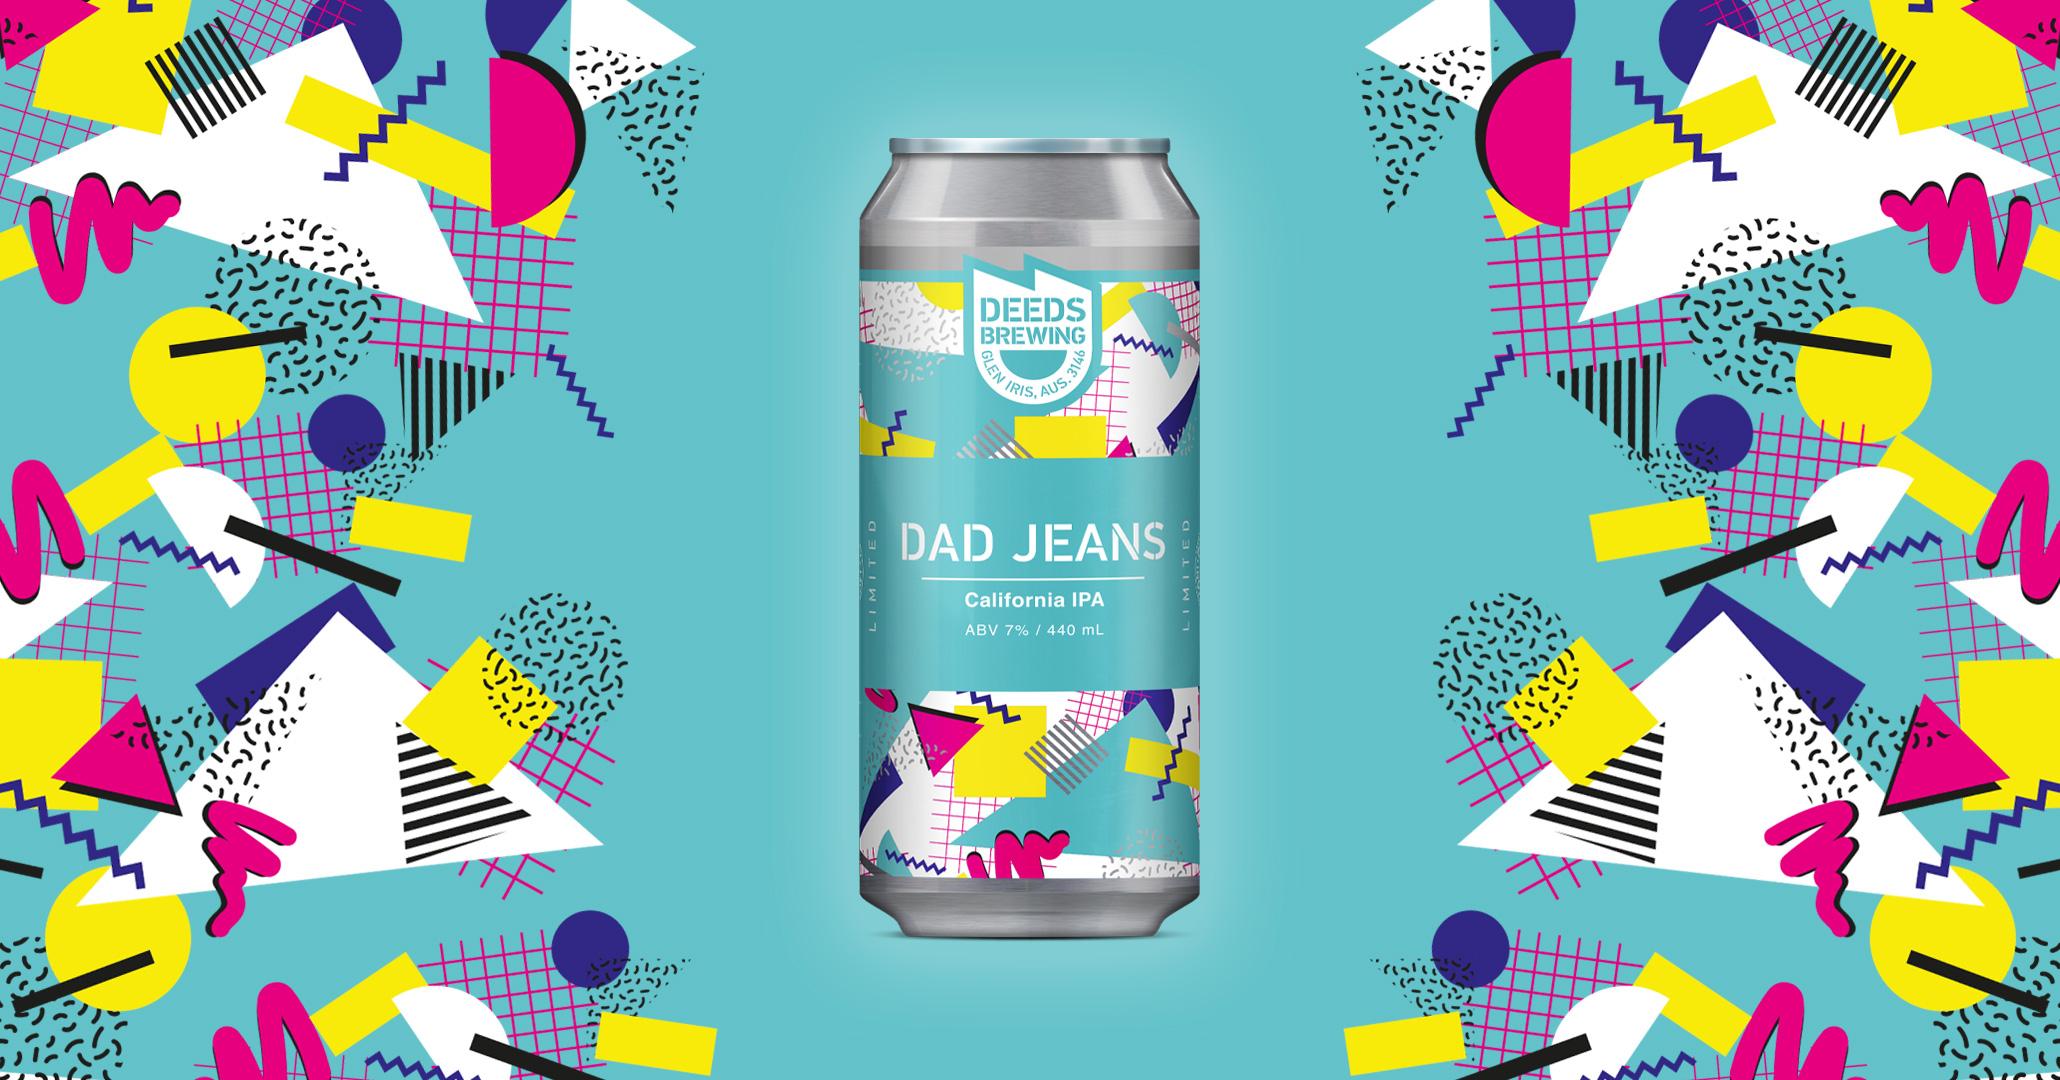 DadJeans_IMAGE_WEB.jpg